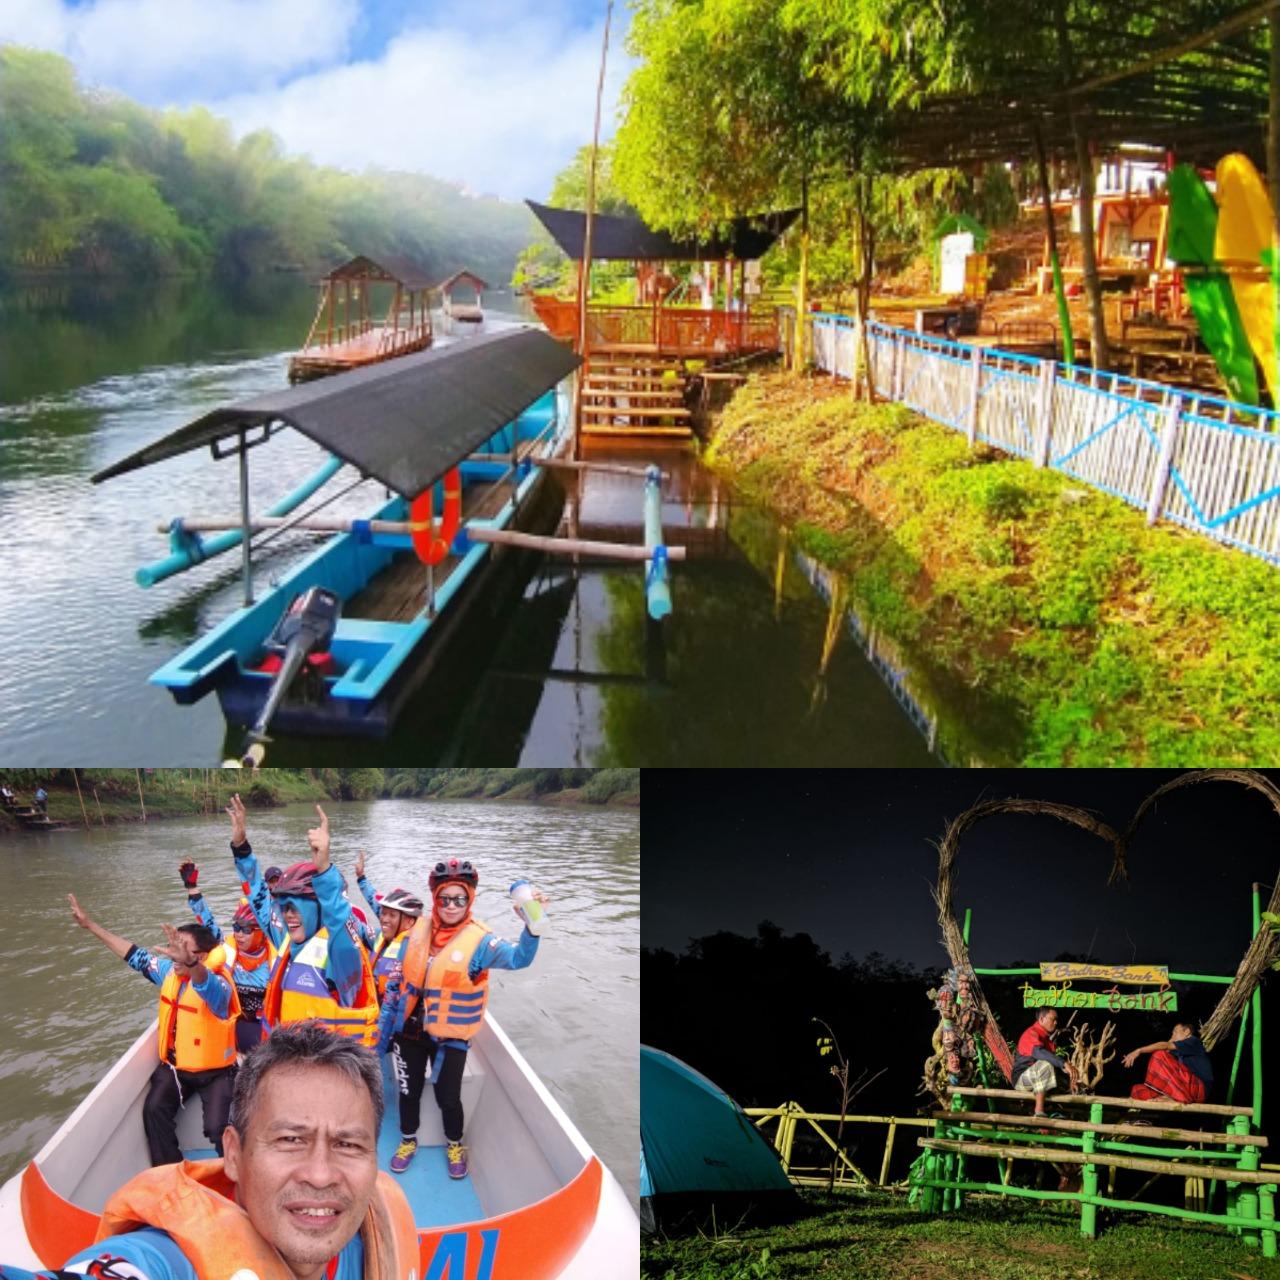 Kecamatan Binangun Blitar Miliki Konservasi Ikan Bader Hingga Rintisan Pasar Kuliner Apung